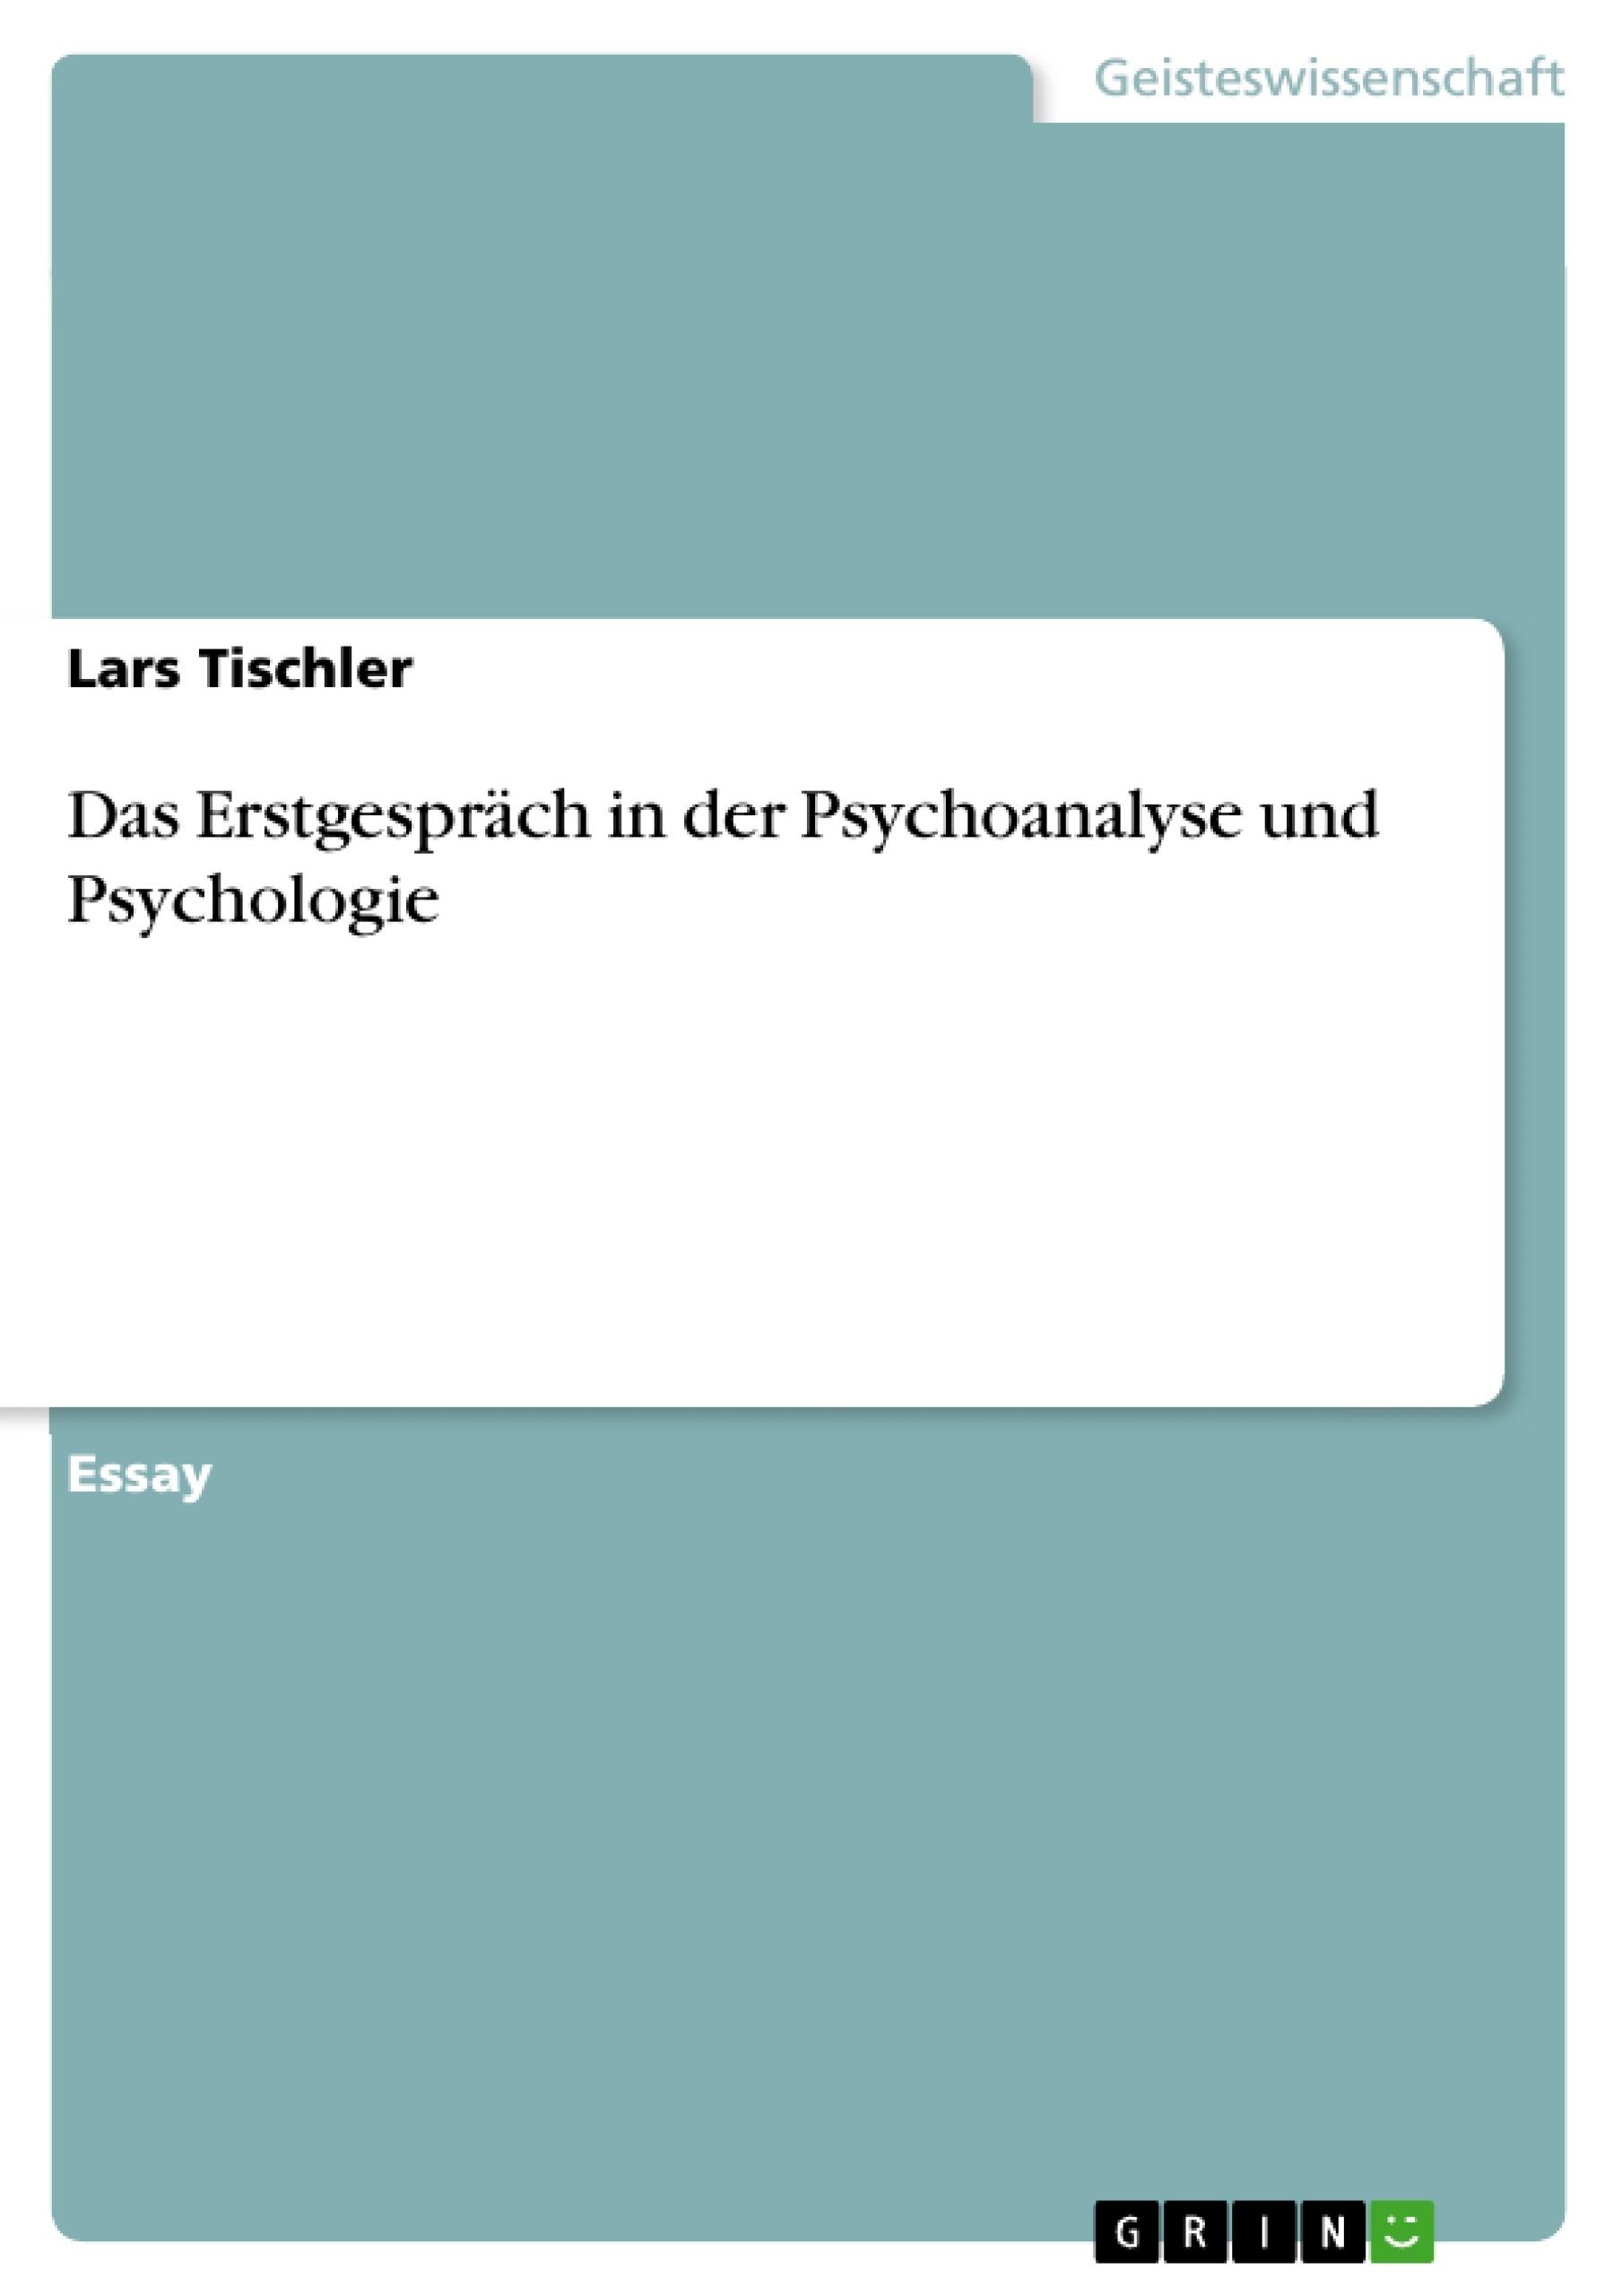 Titel: Das Erstgespräch in der Psychoanalyse und Psychologie